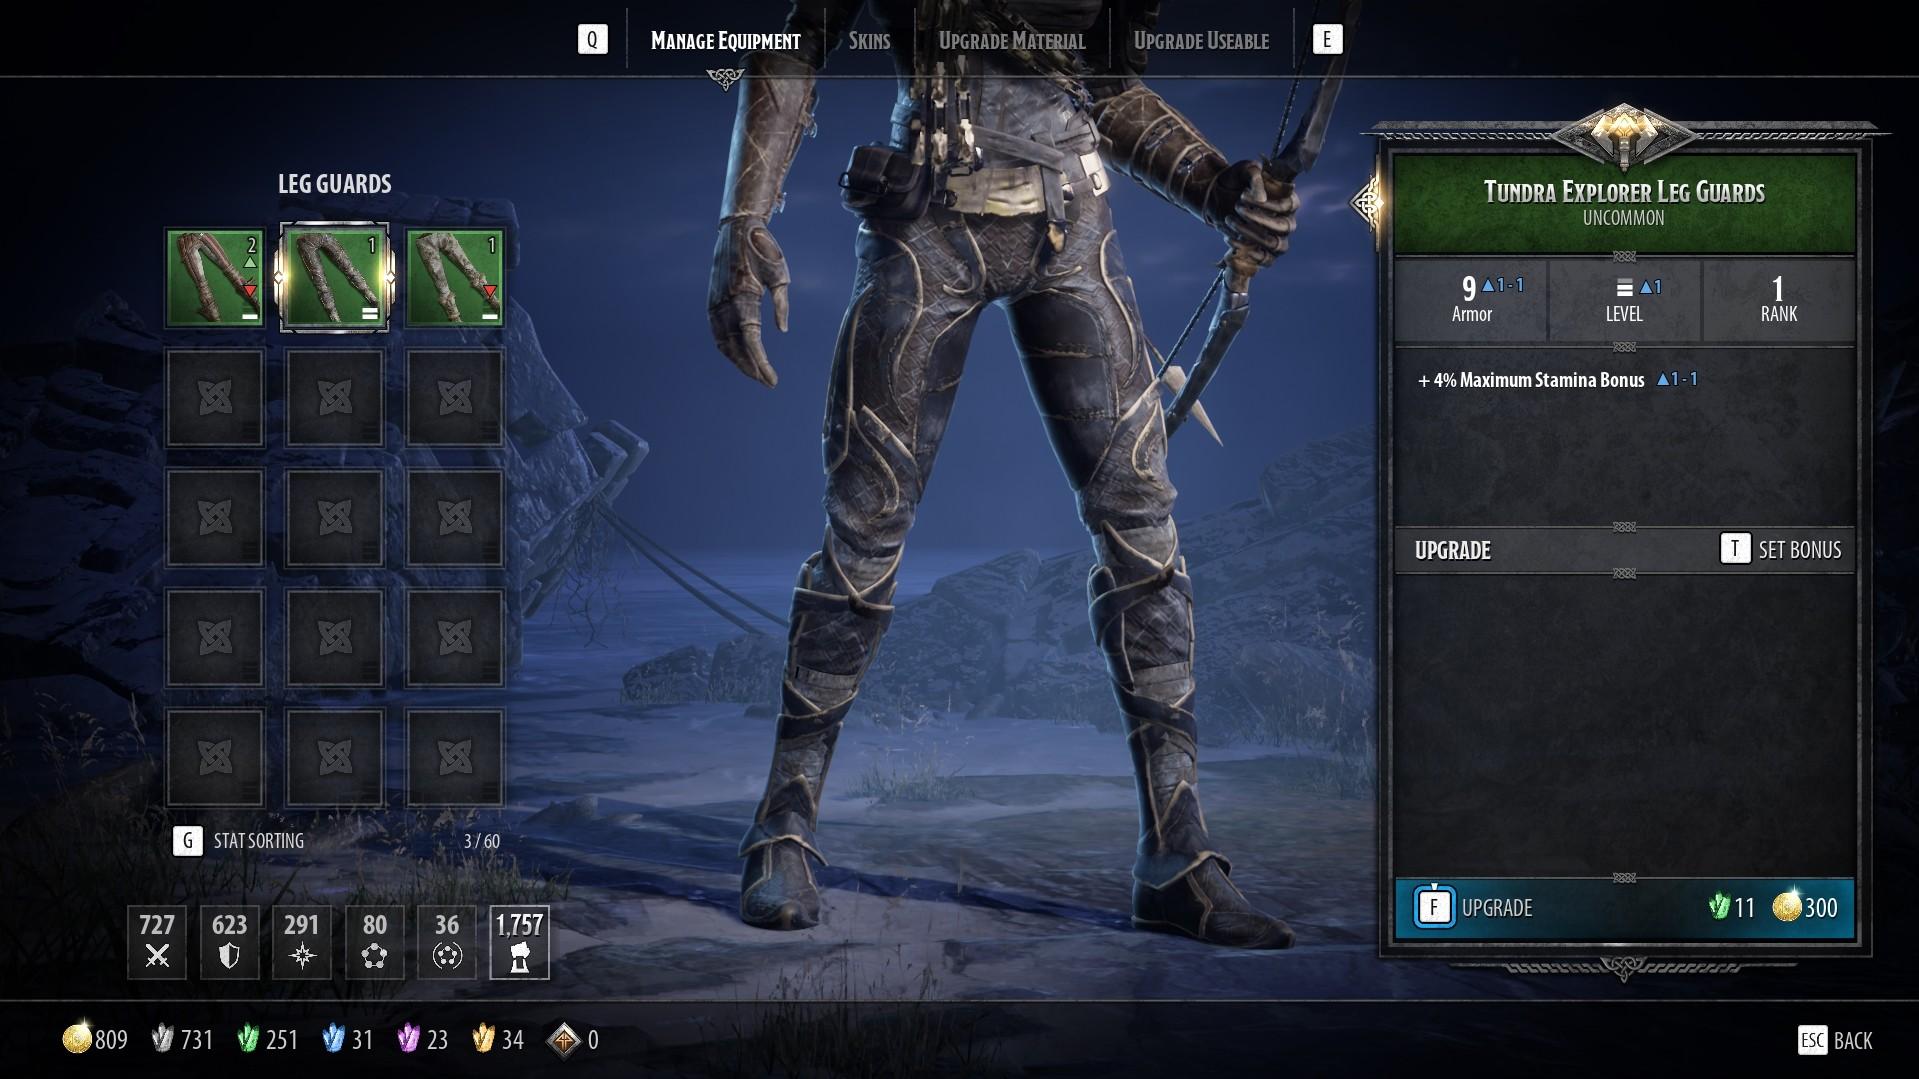 Dark Alliance - How to Upgrade Gear